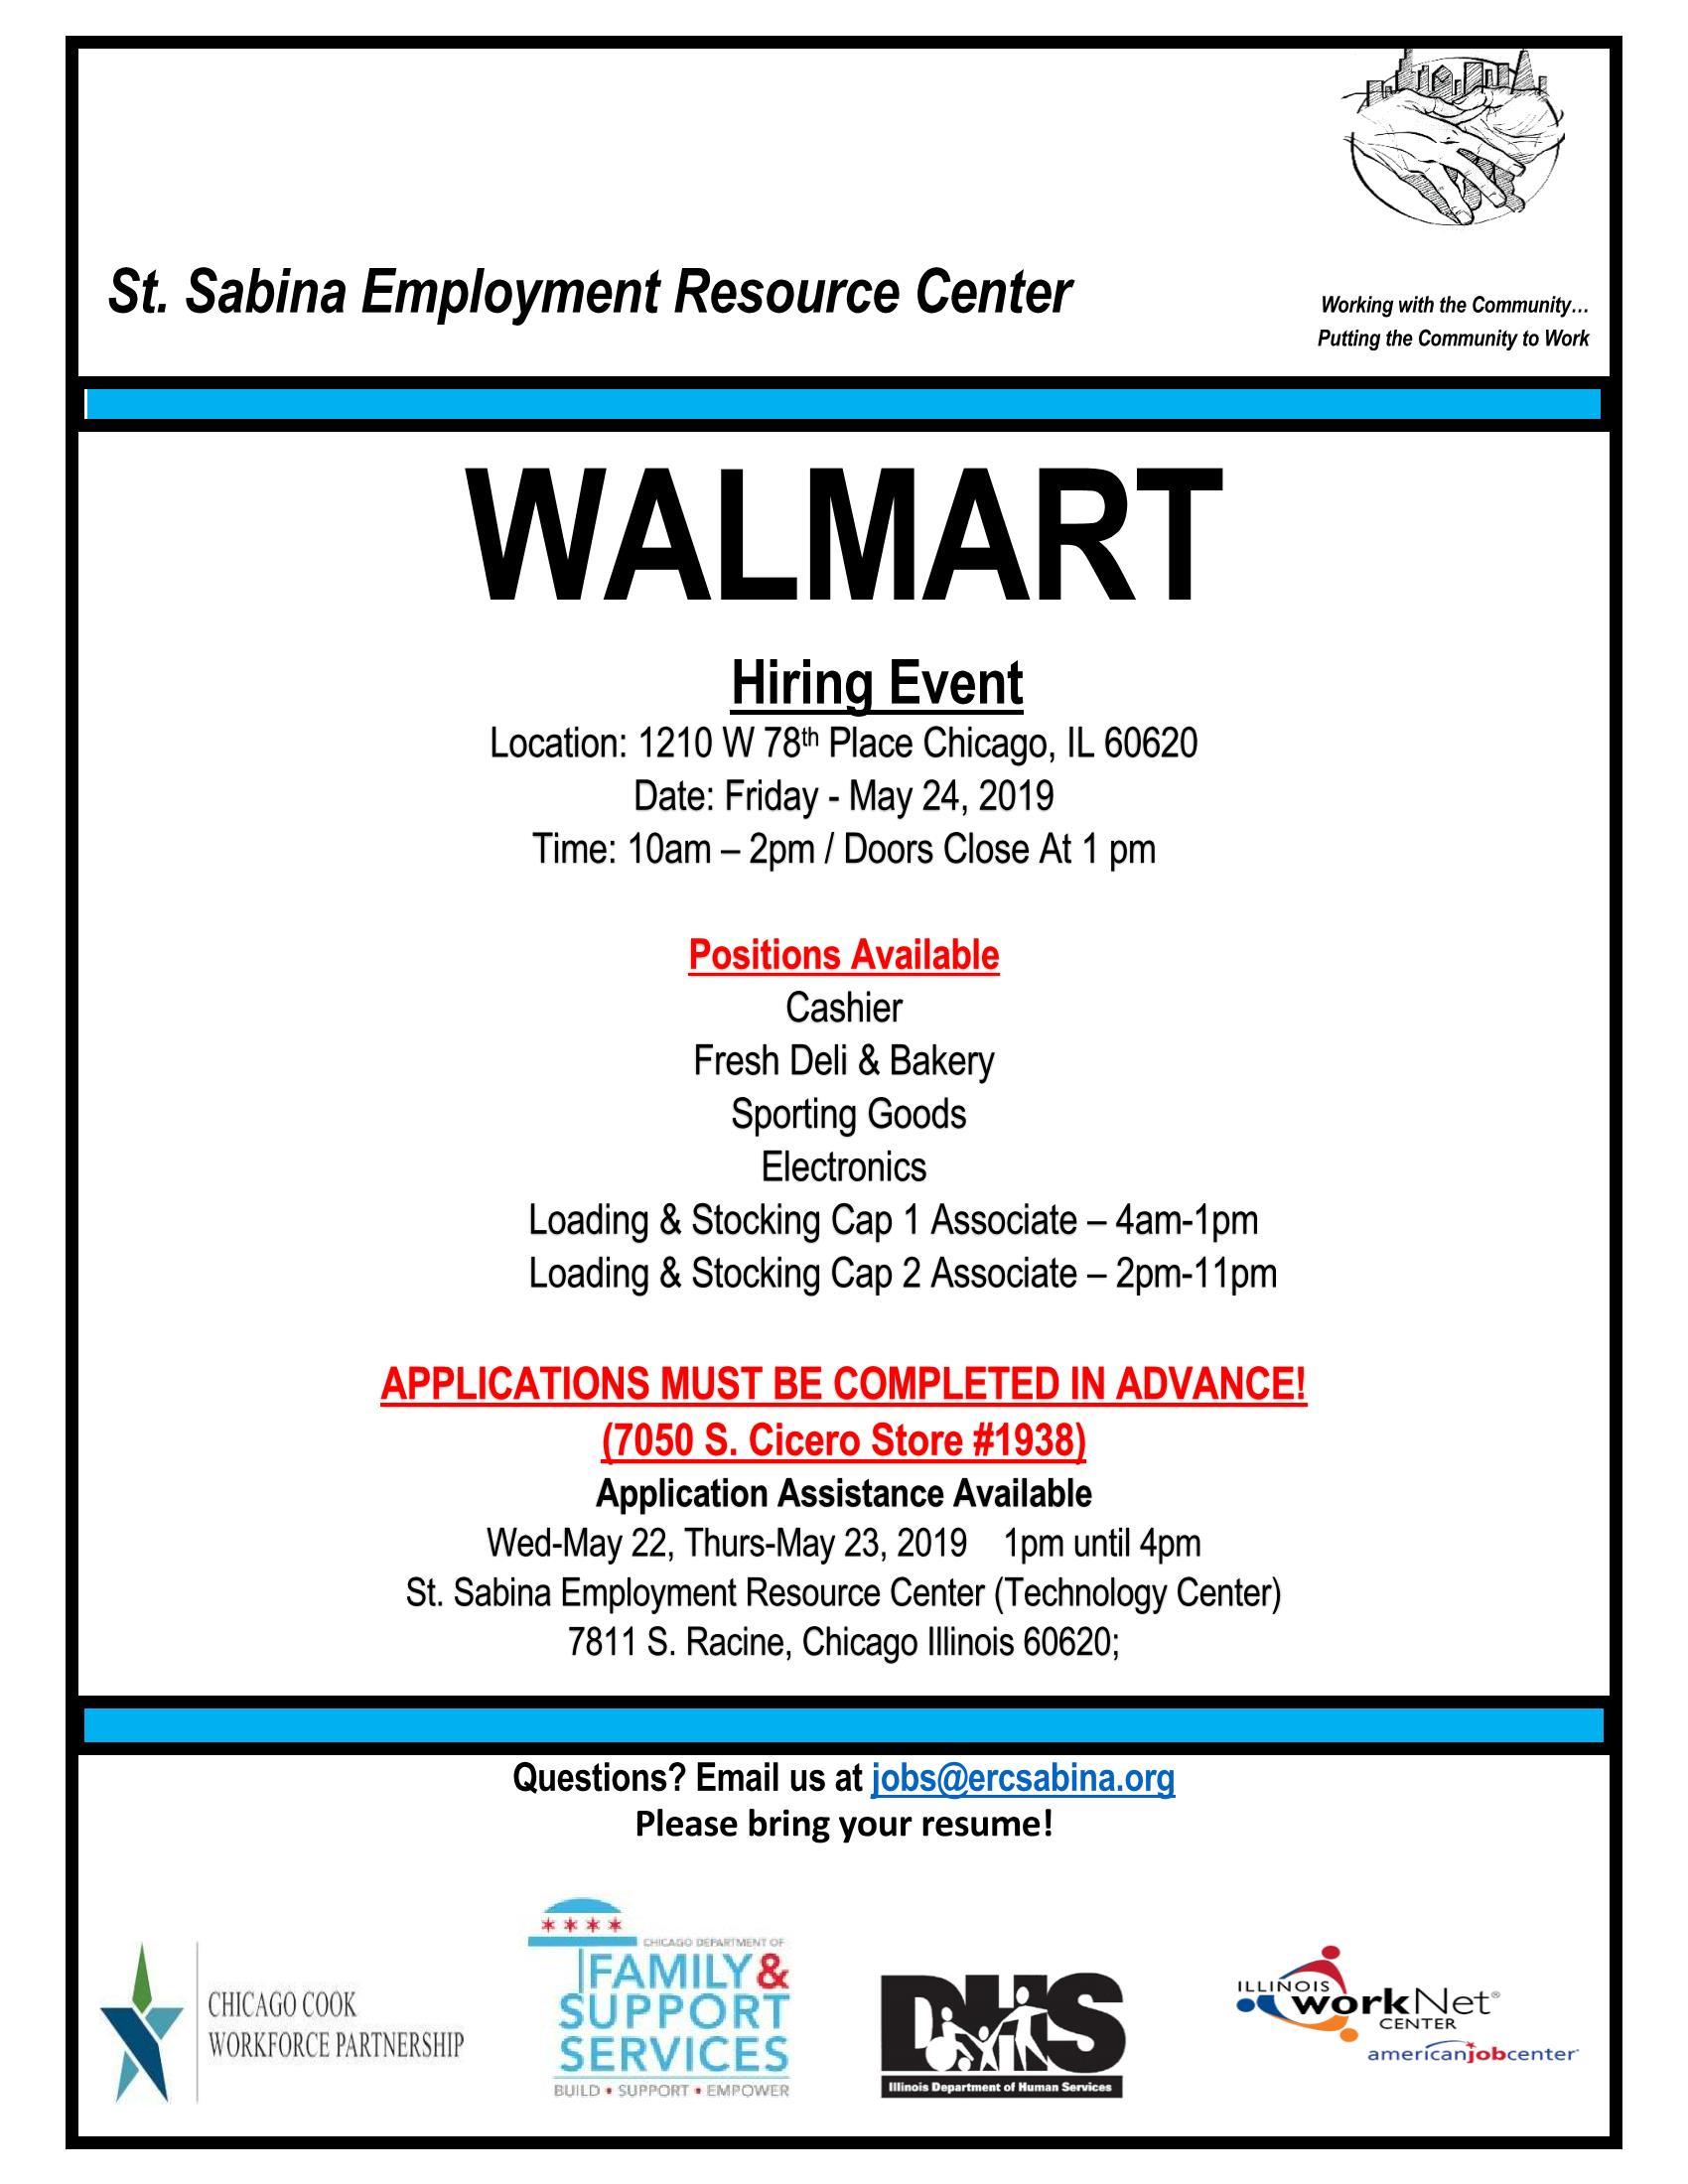 05-24-2019 Walmart_Page_1 (002).jpeg